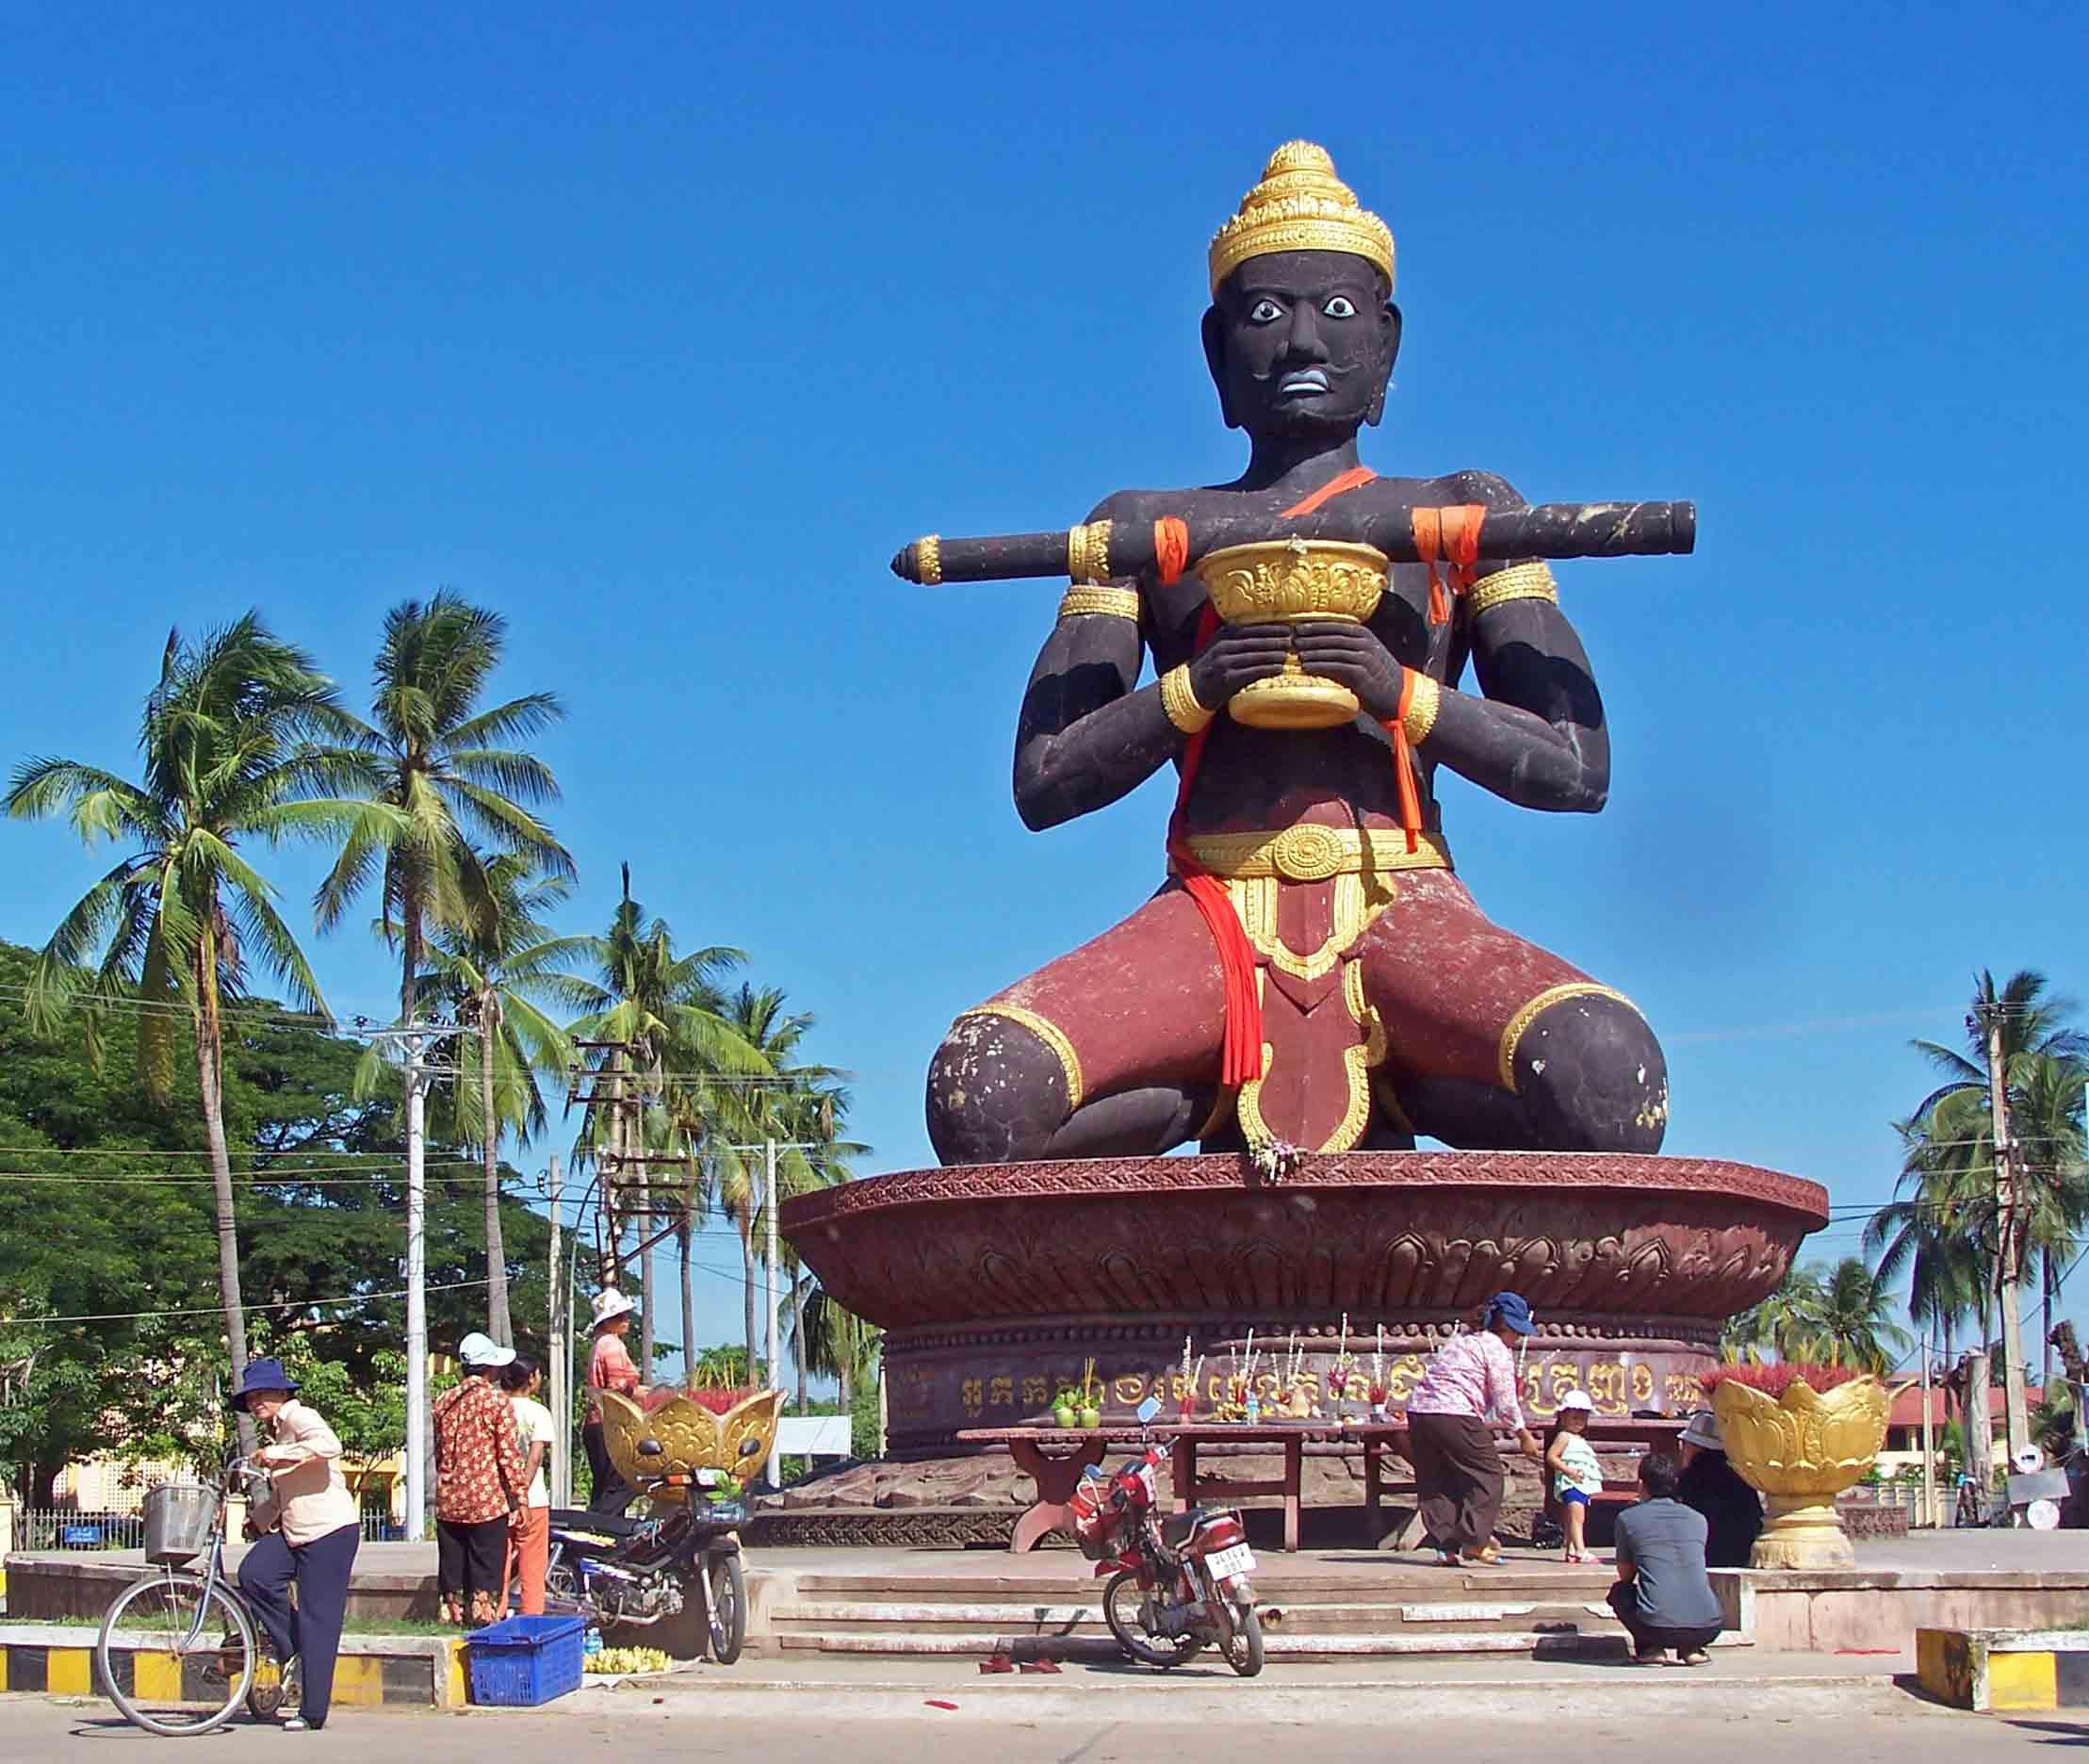 Visite Cambodge sur mesure, j'en reviens tout juste !